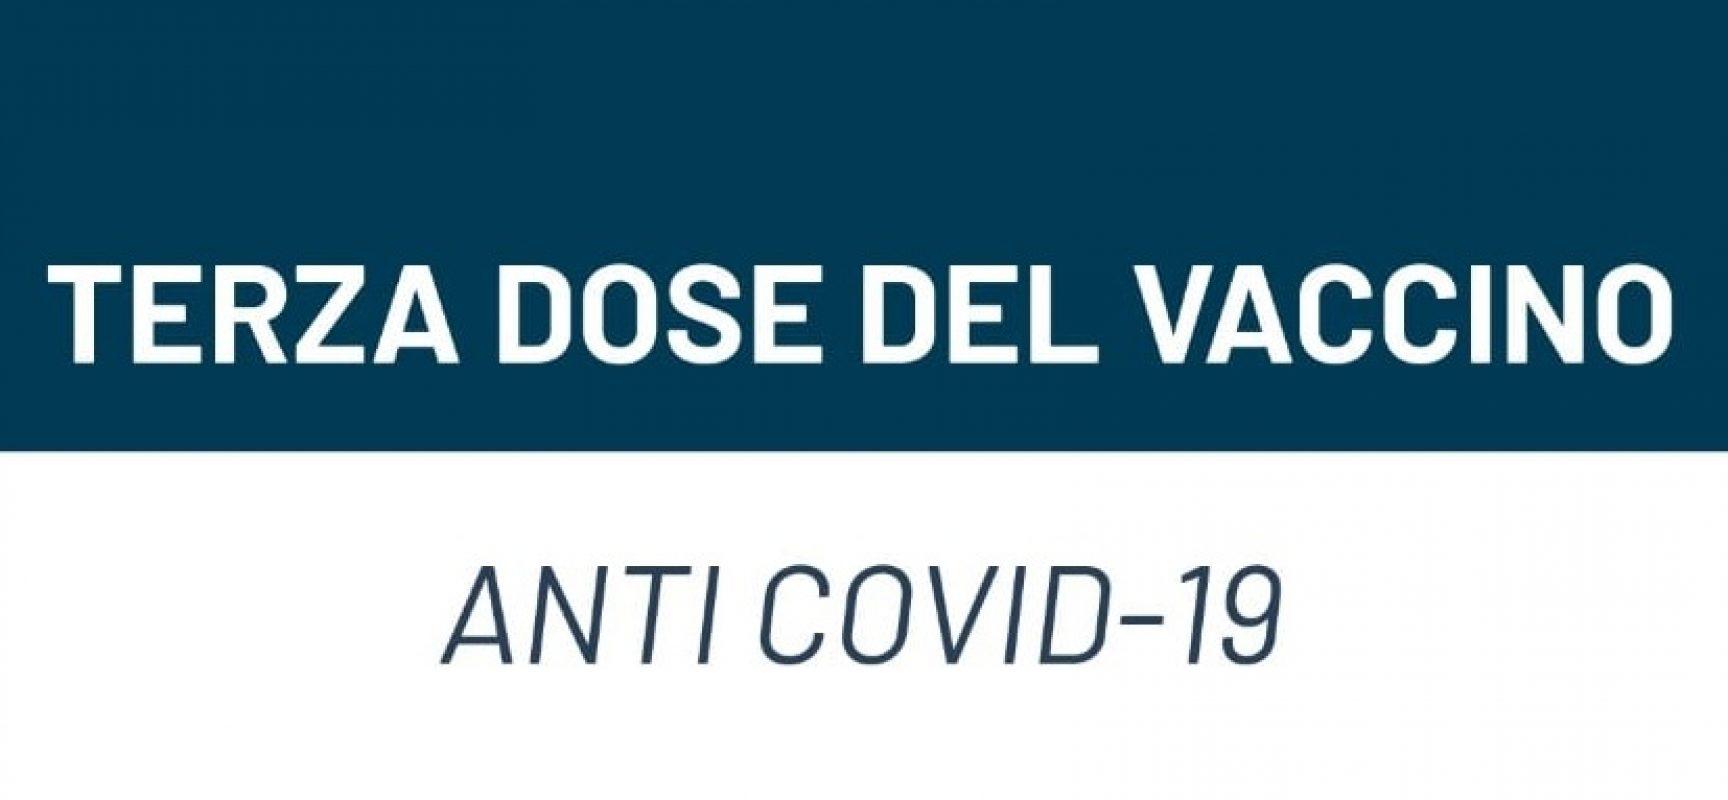 Puglia, attive le prenotazioni della terza dose per le persone dai 60 anni in su